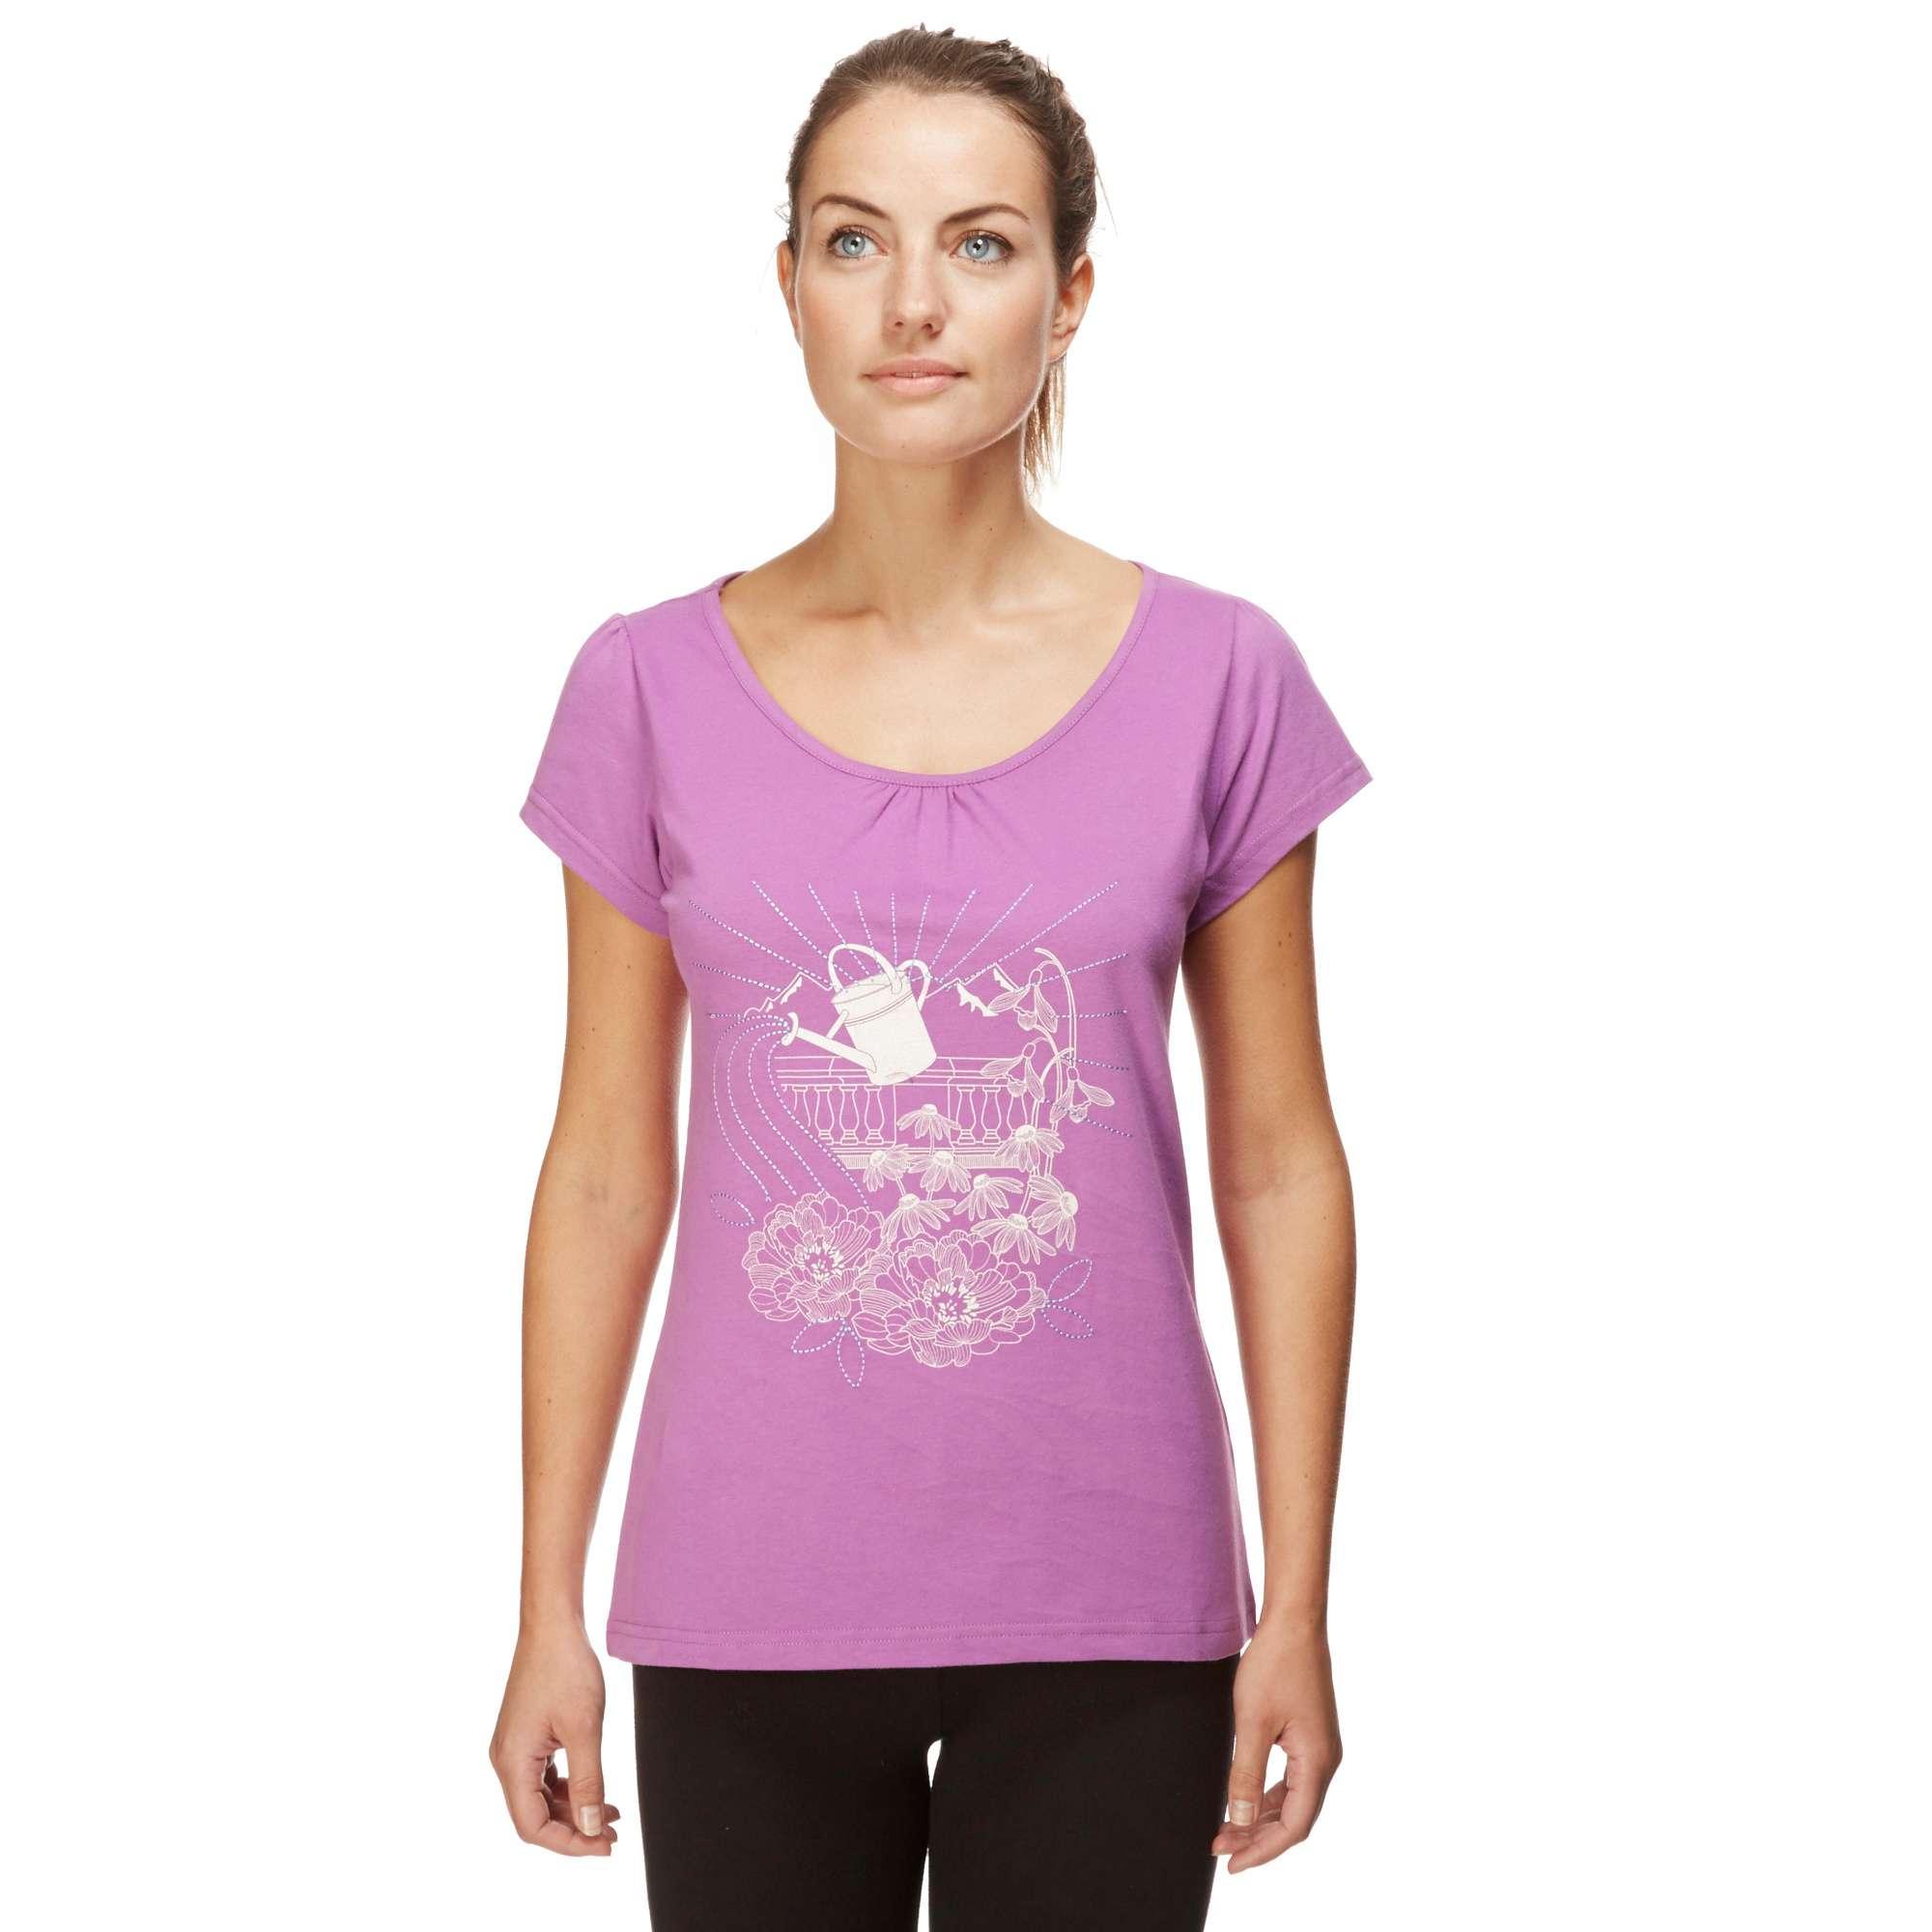 PETER STORM Women's Flourish T-Shirt